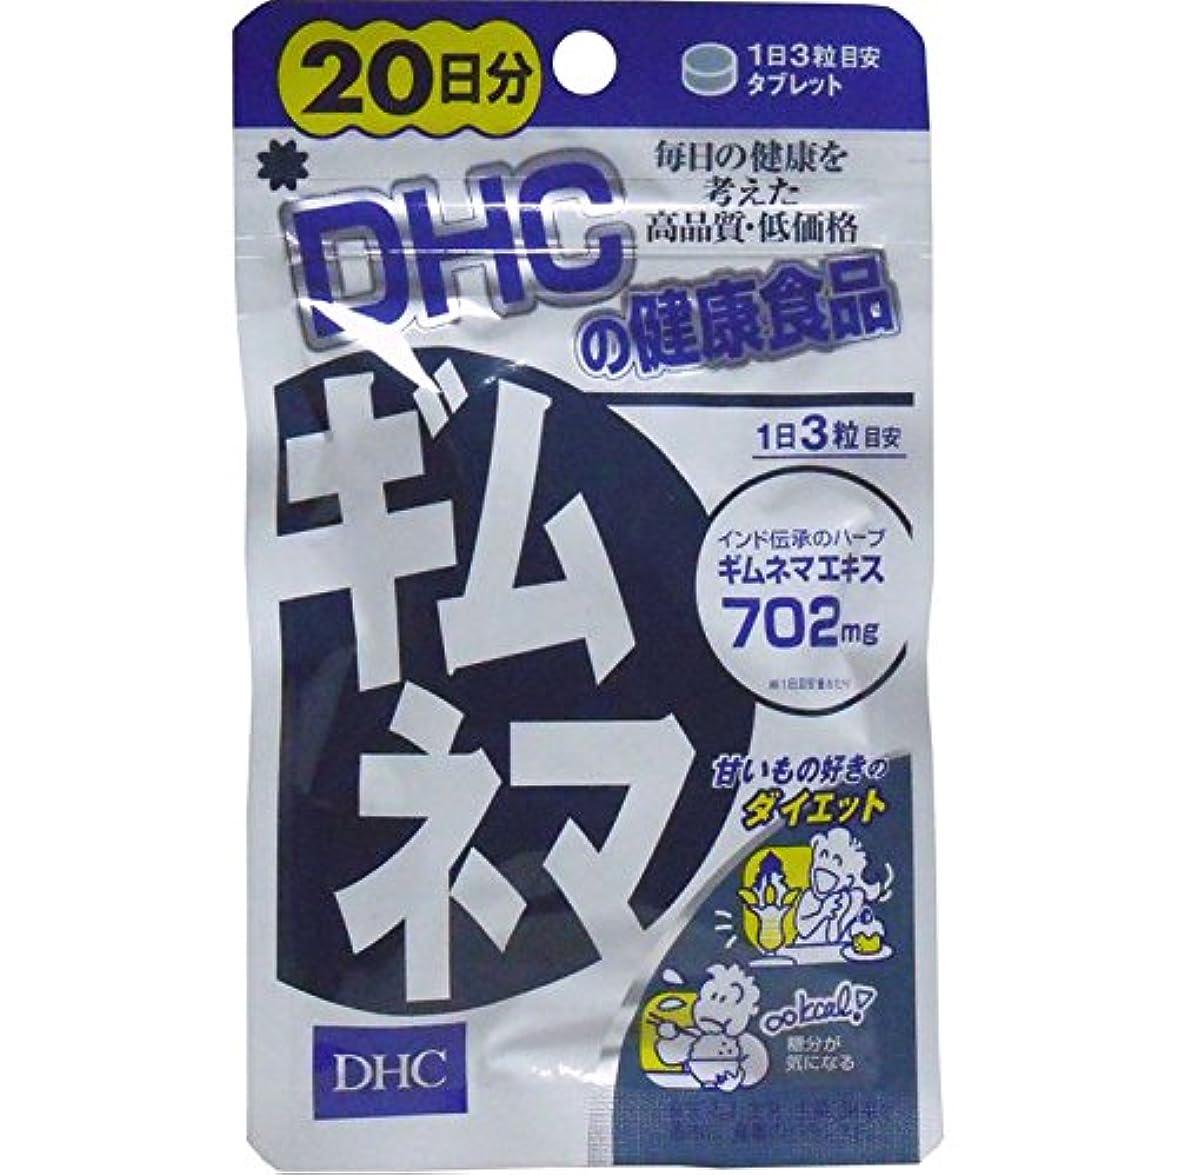 傷跡弾丸無効ダイエット 美容 健康 余分な糖分をブロック 便利 DHC ギムネマ 20日分 60粒【3個セット】